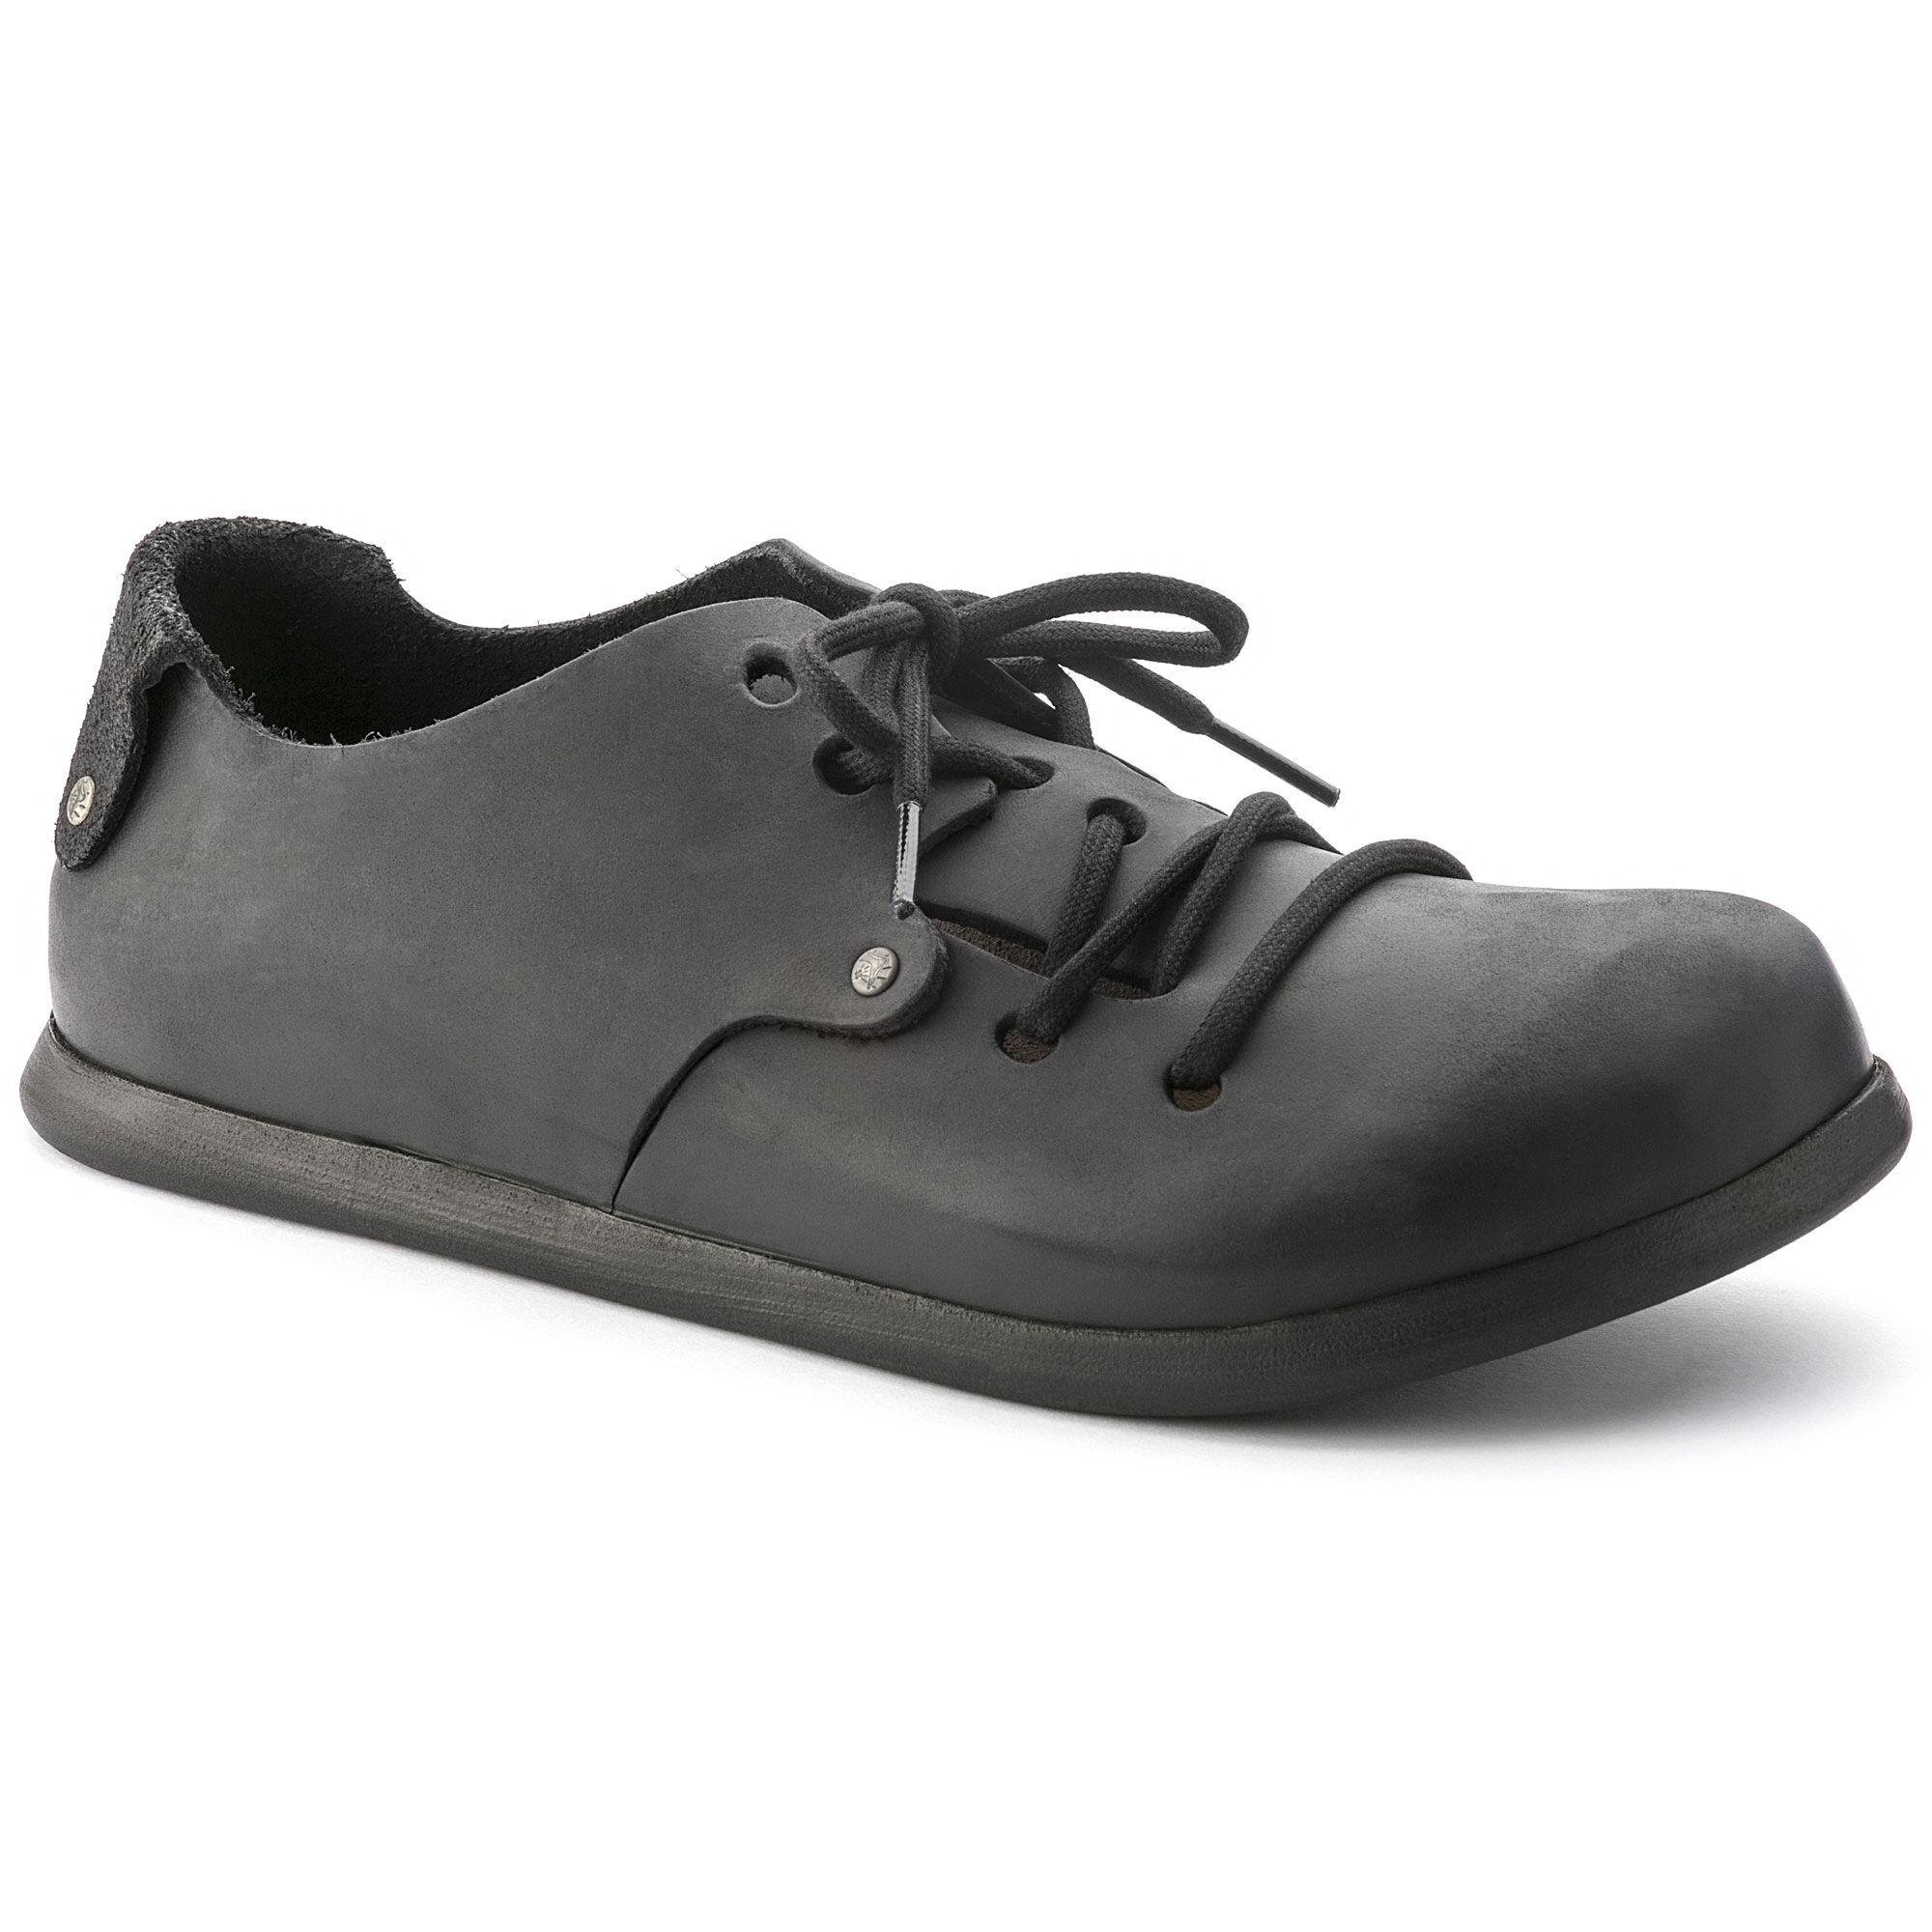 Zapatos Zapatos HombreBirkenstock Cordones Para De HombreBirkenstock Para De Cordones CxWEerdBoQ